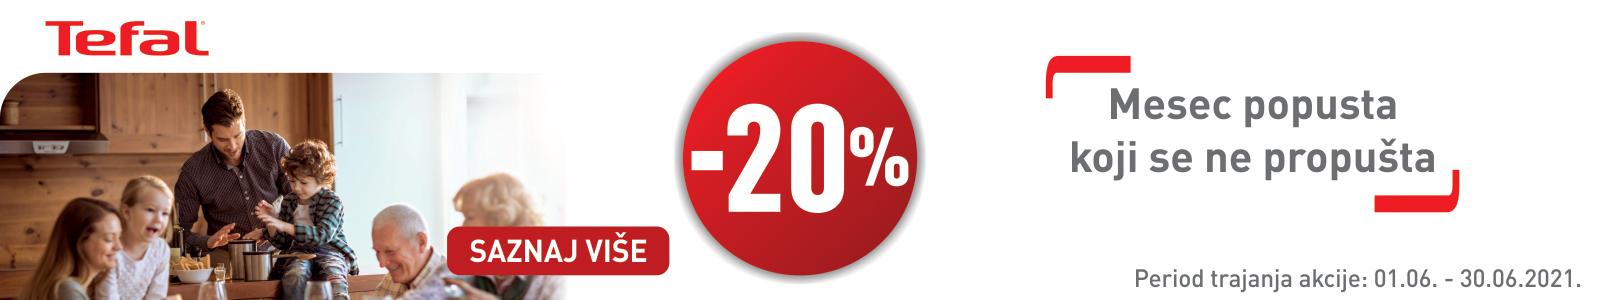 Tefal -20%